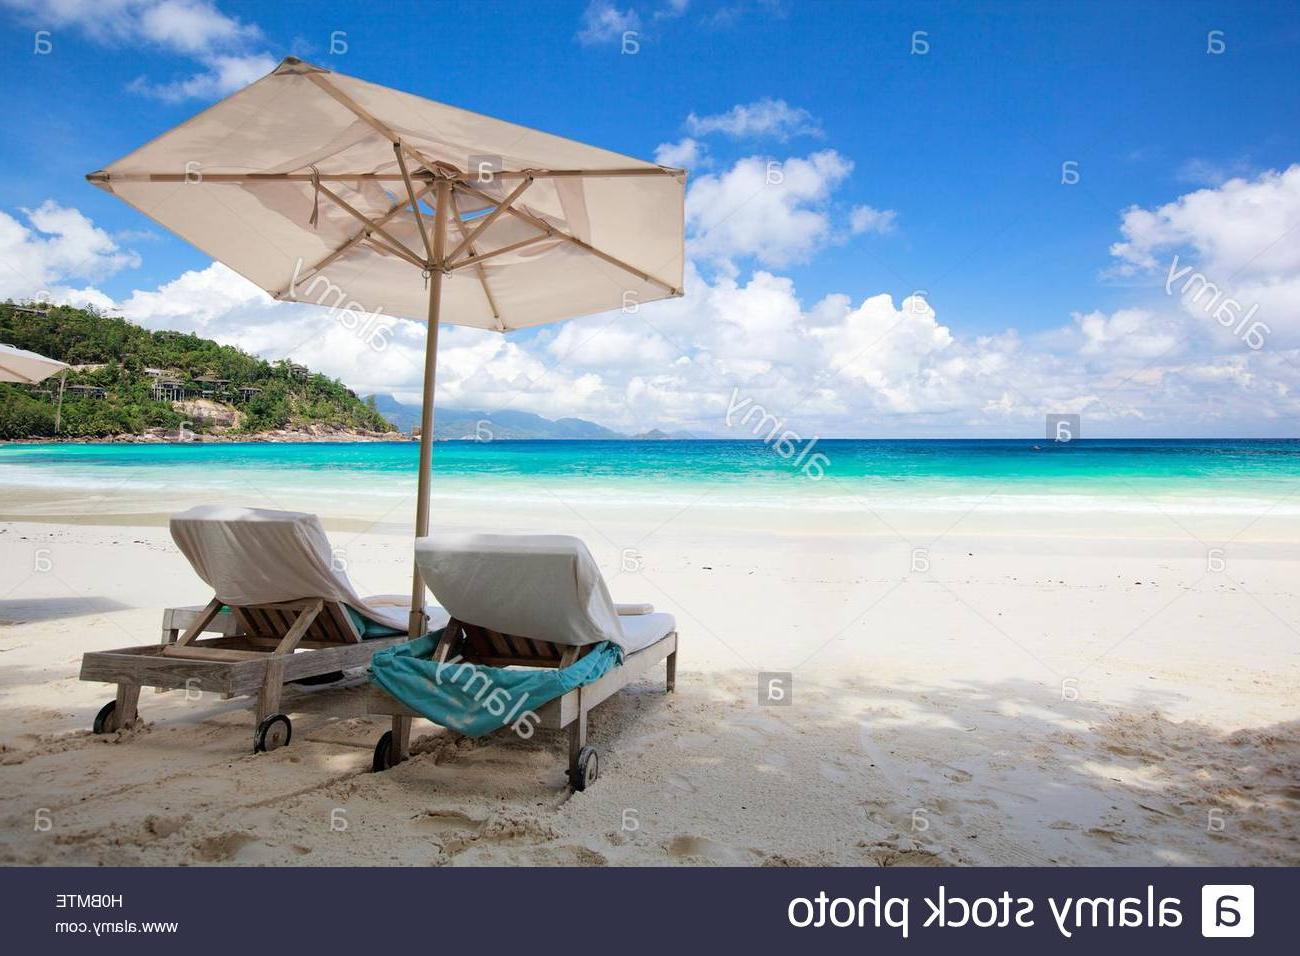 Esai Beach Umbrellas Pertaining To Recent Paradies' Stock Photos & Paradies' Stock Images – Page 27 – Alamy (View 18 of 20)